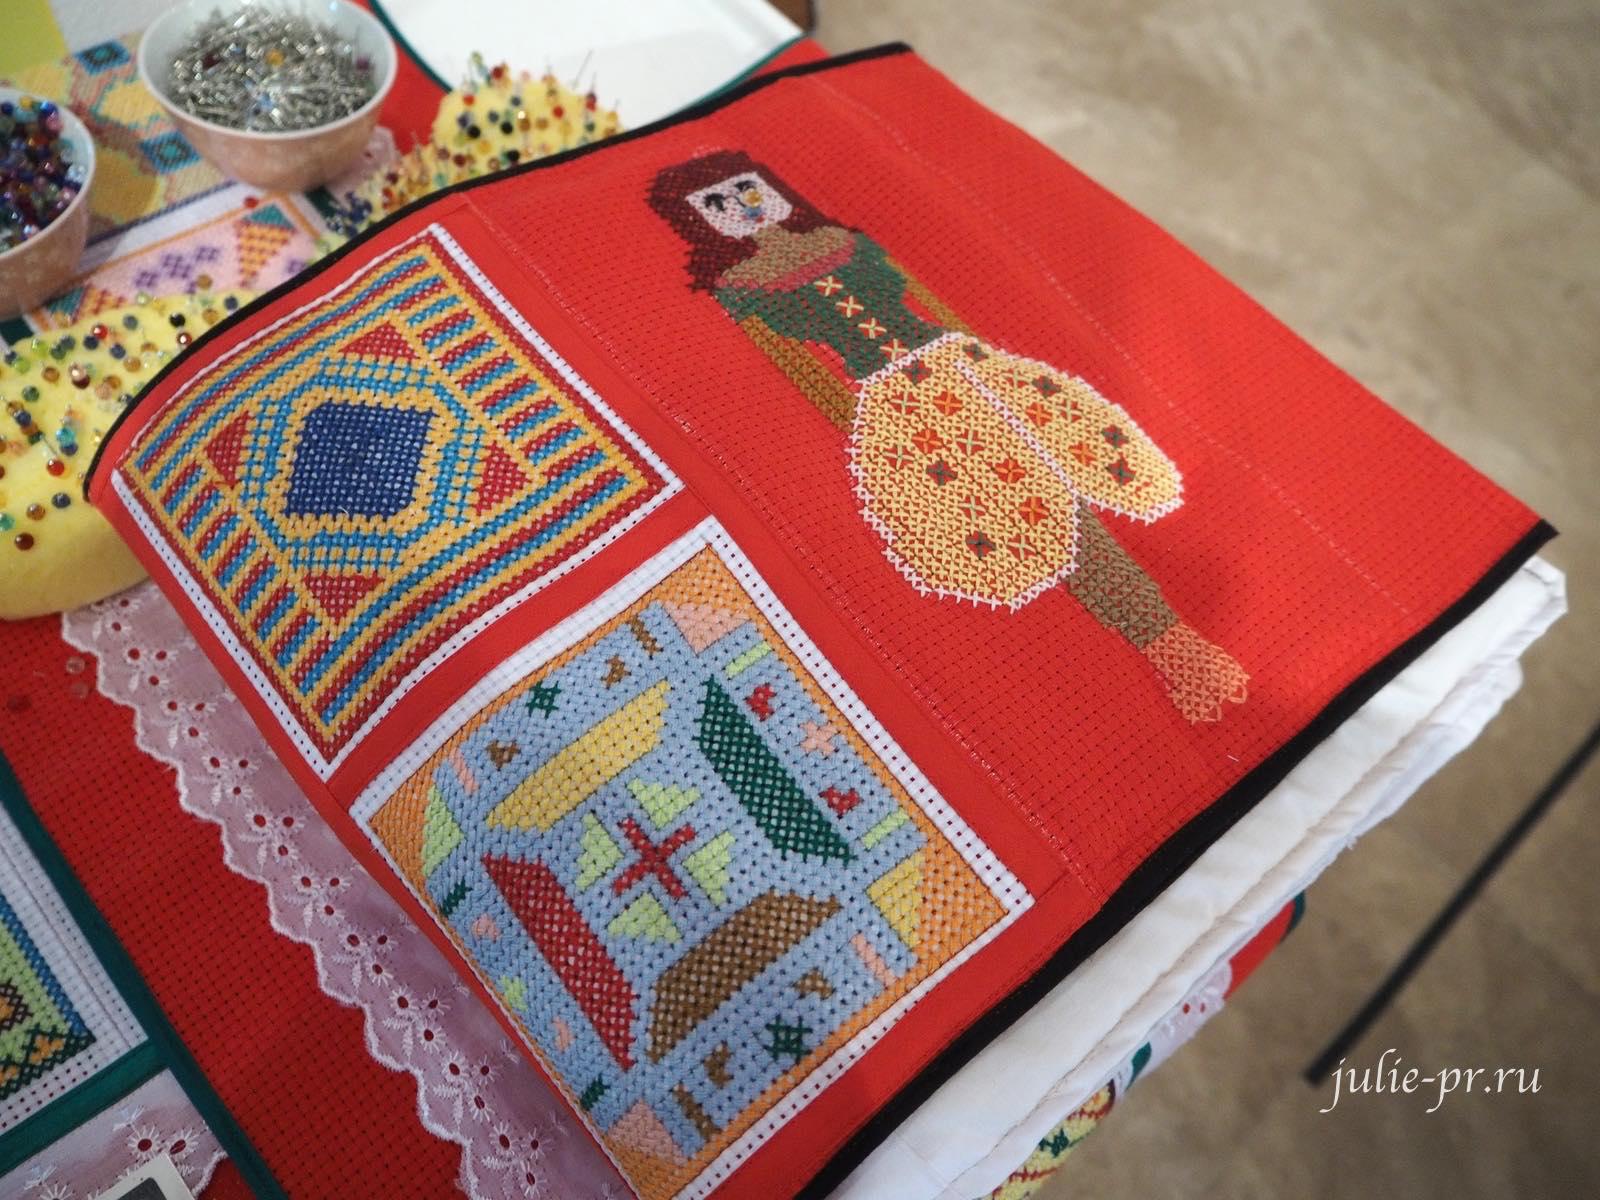 куклы выставка, Bayaning Inday, вышивка, Филиппины, Манила